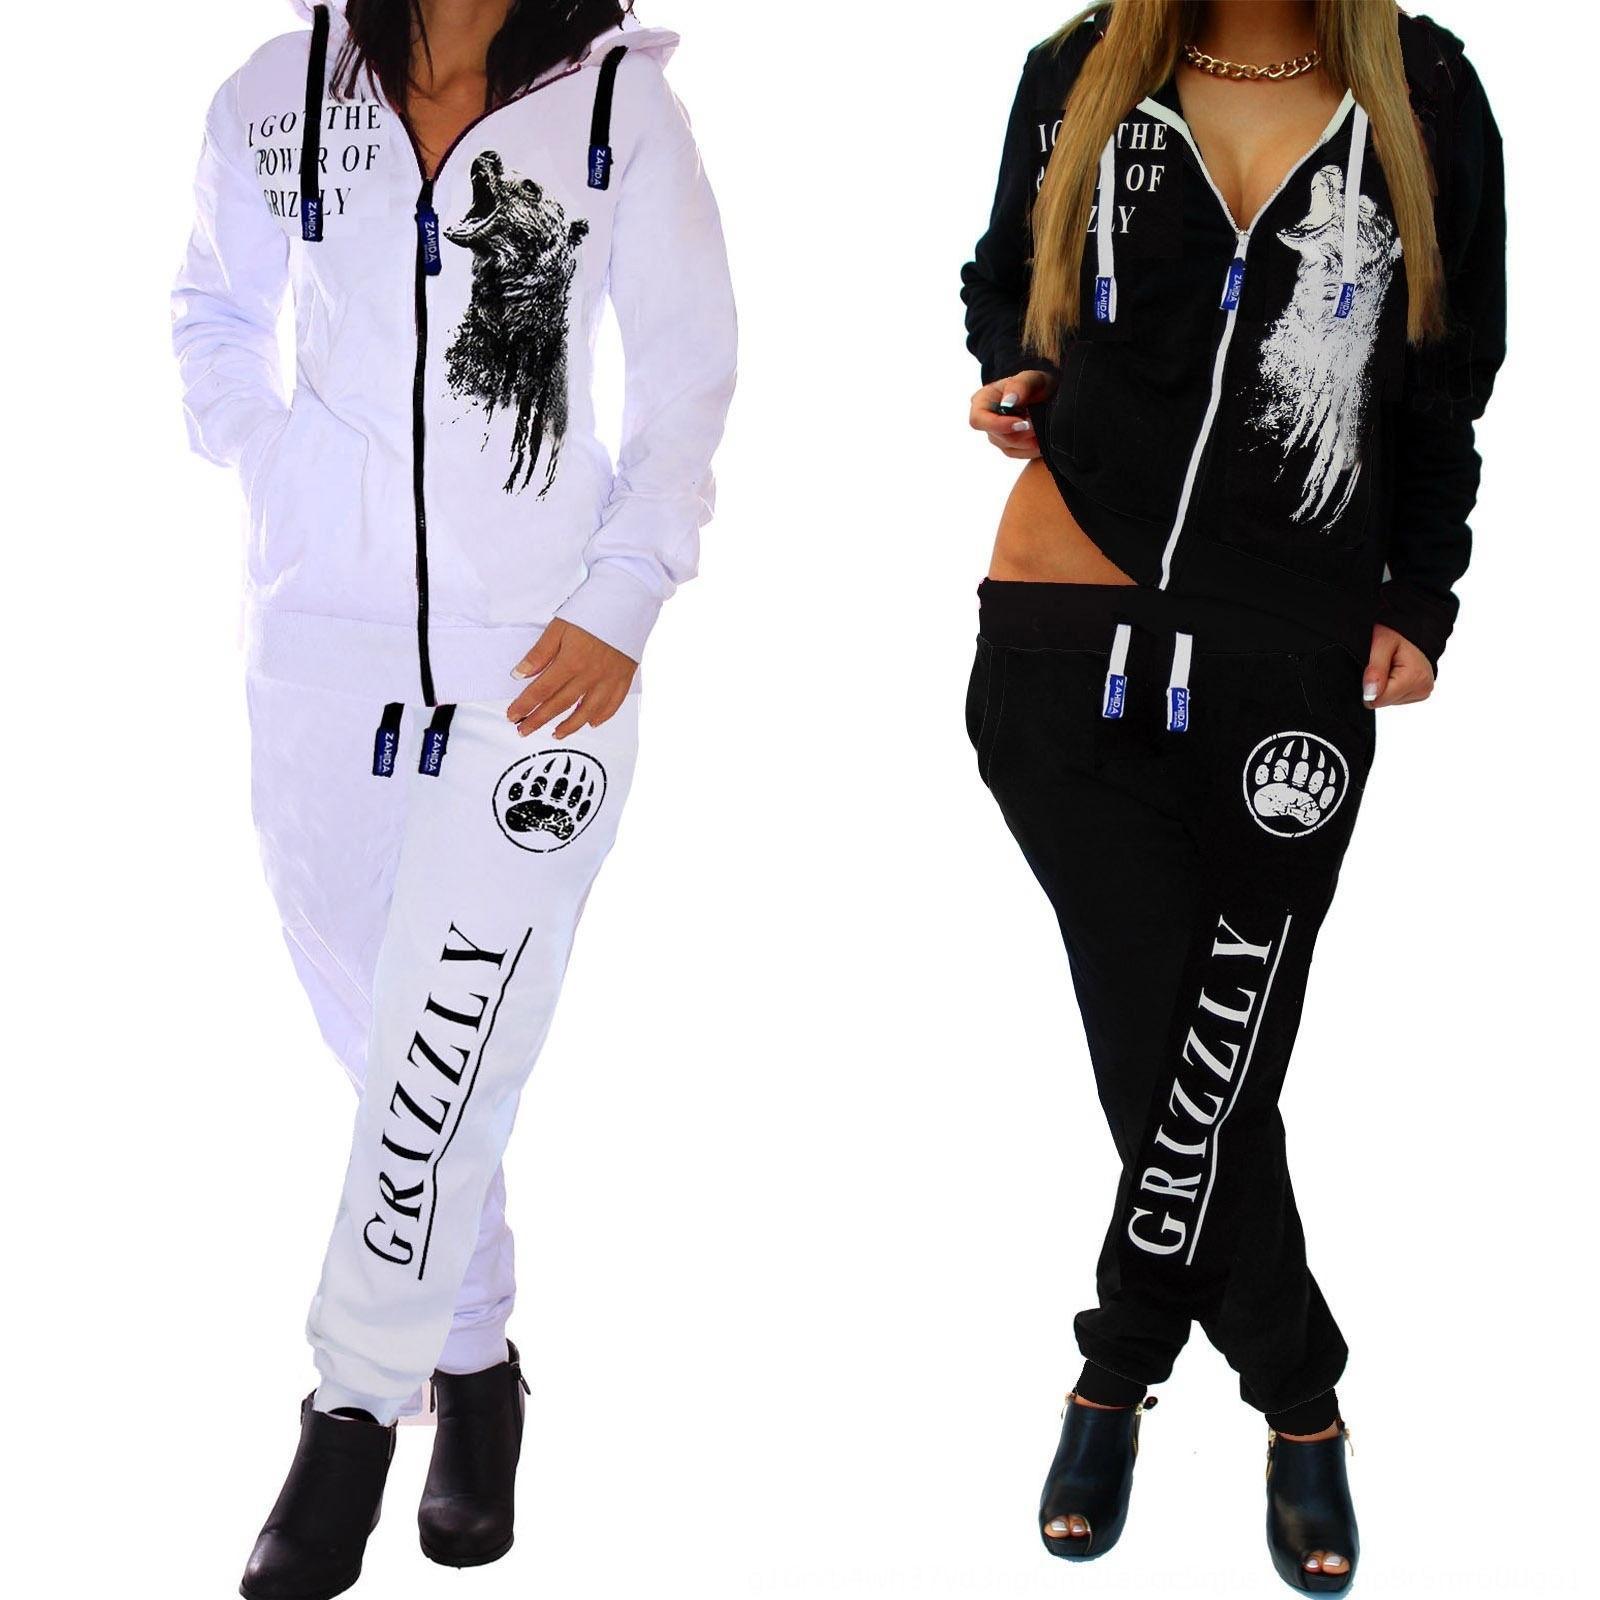 6XKZV encapuzados moda Novo e das mulheres e da camisola Calças encapuzados moda a camisola das mulheres novas calças